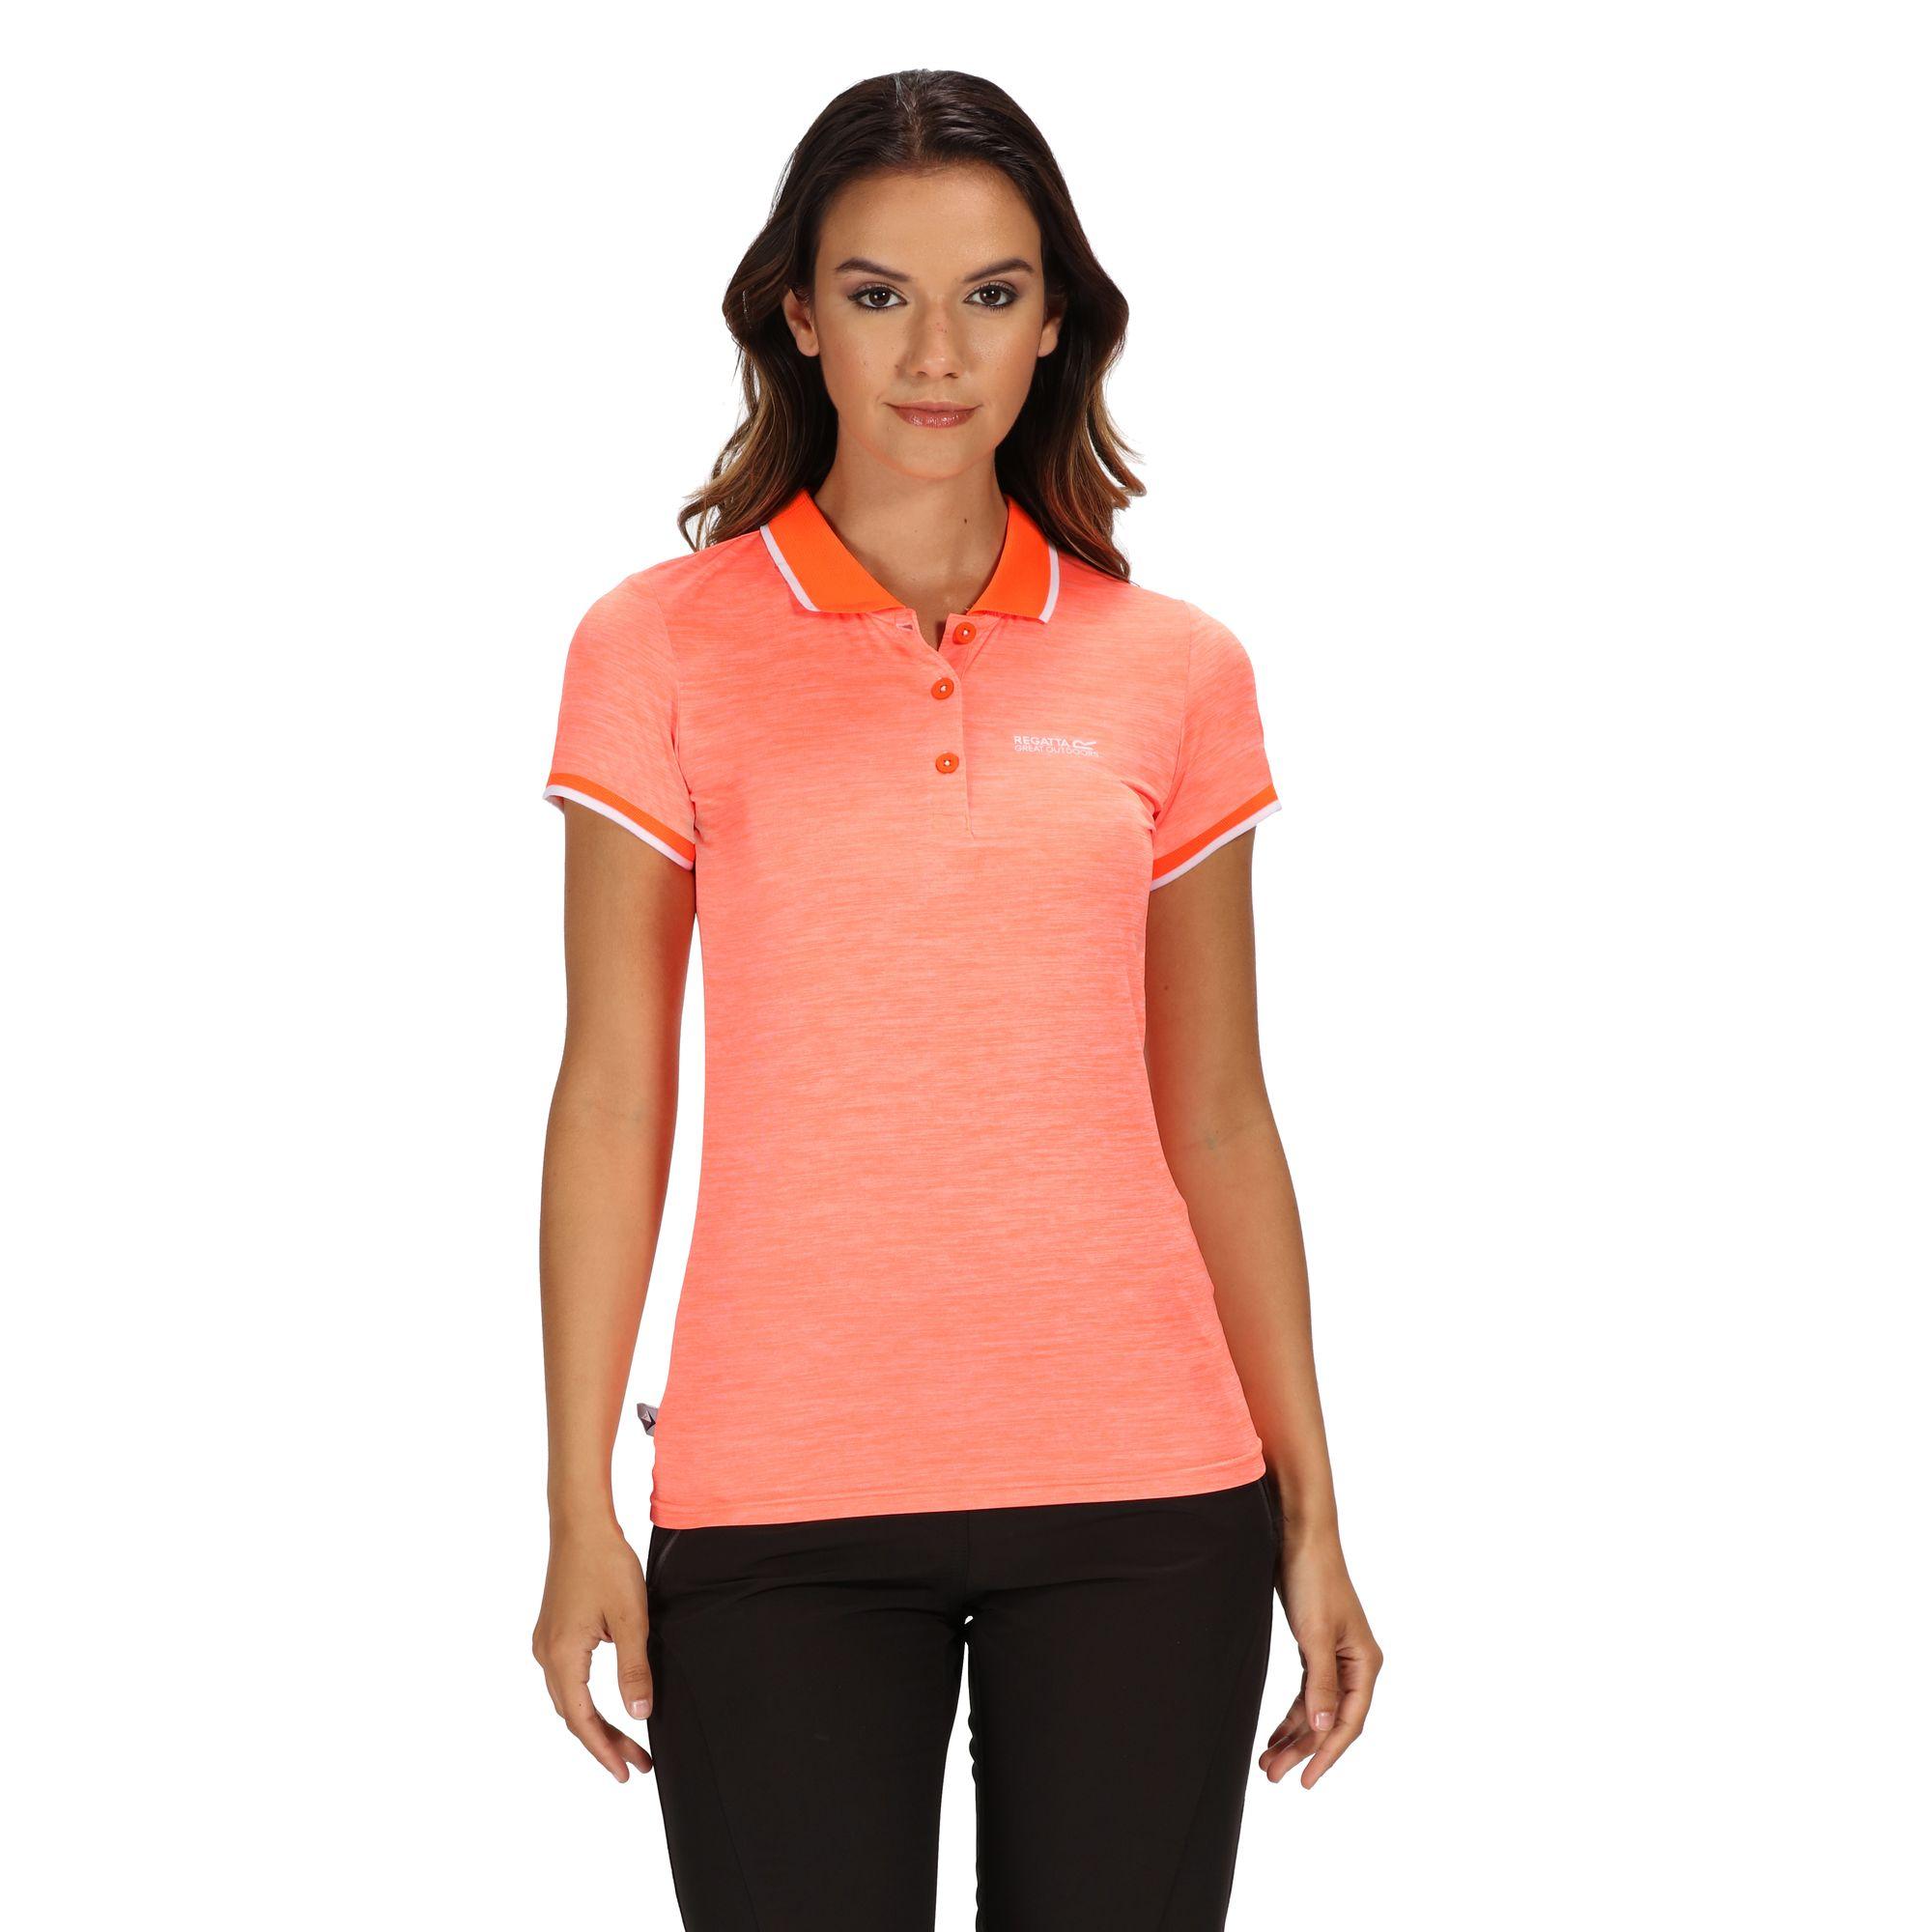 Regatta-Womens-Ladies-Remex-II-Polo-Neck-T-Shirt-RG4477 thumbnail 20